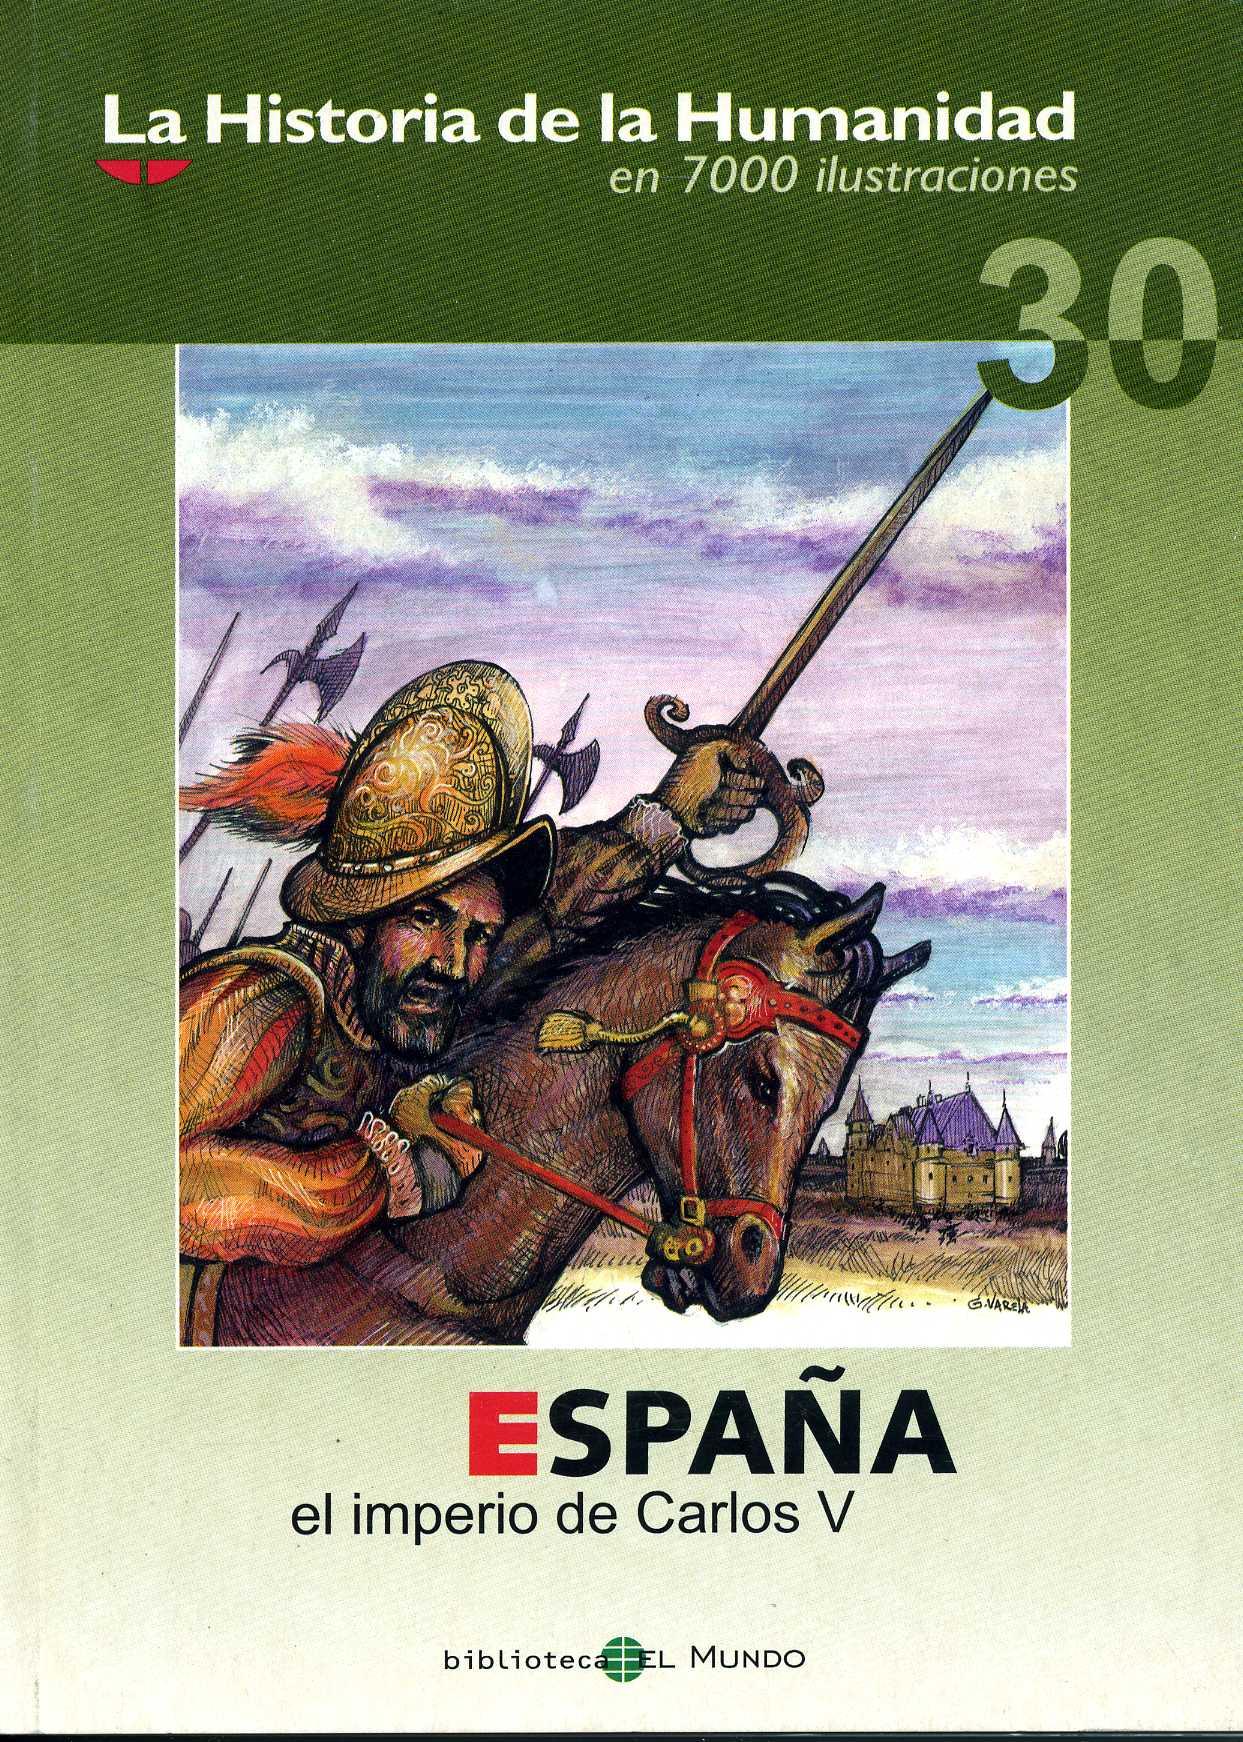 LA HISTORIA DE LA HUMANIDAD EN 7000 ILUSTRACIONES. Portada del número 30: España-El imperio de Carlos V.